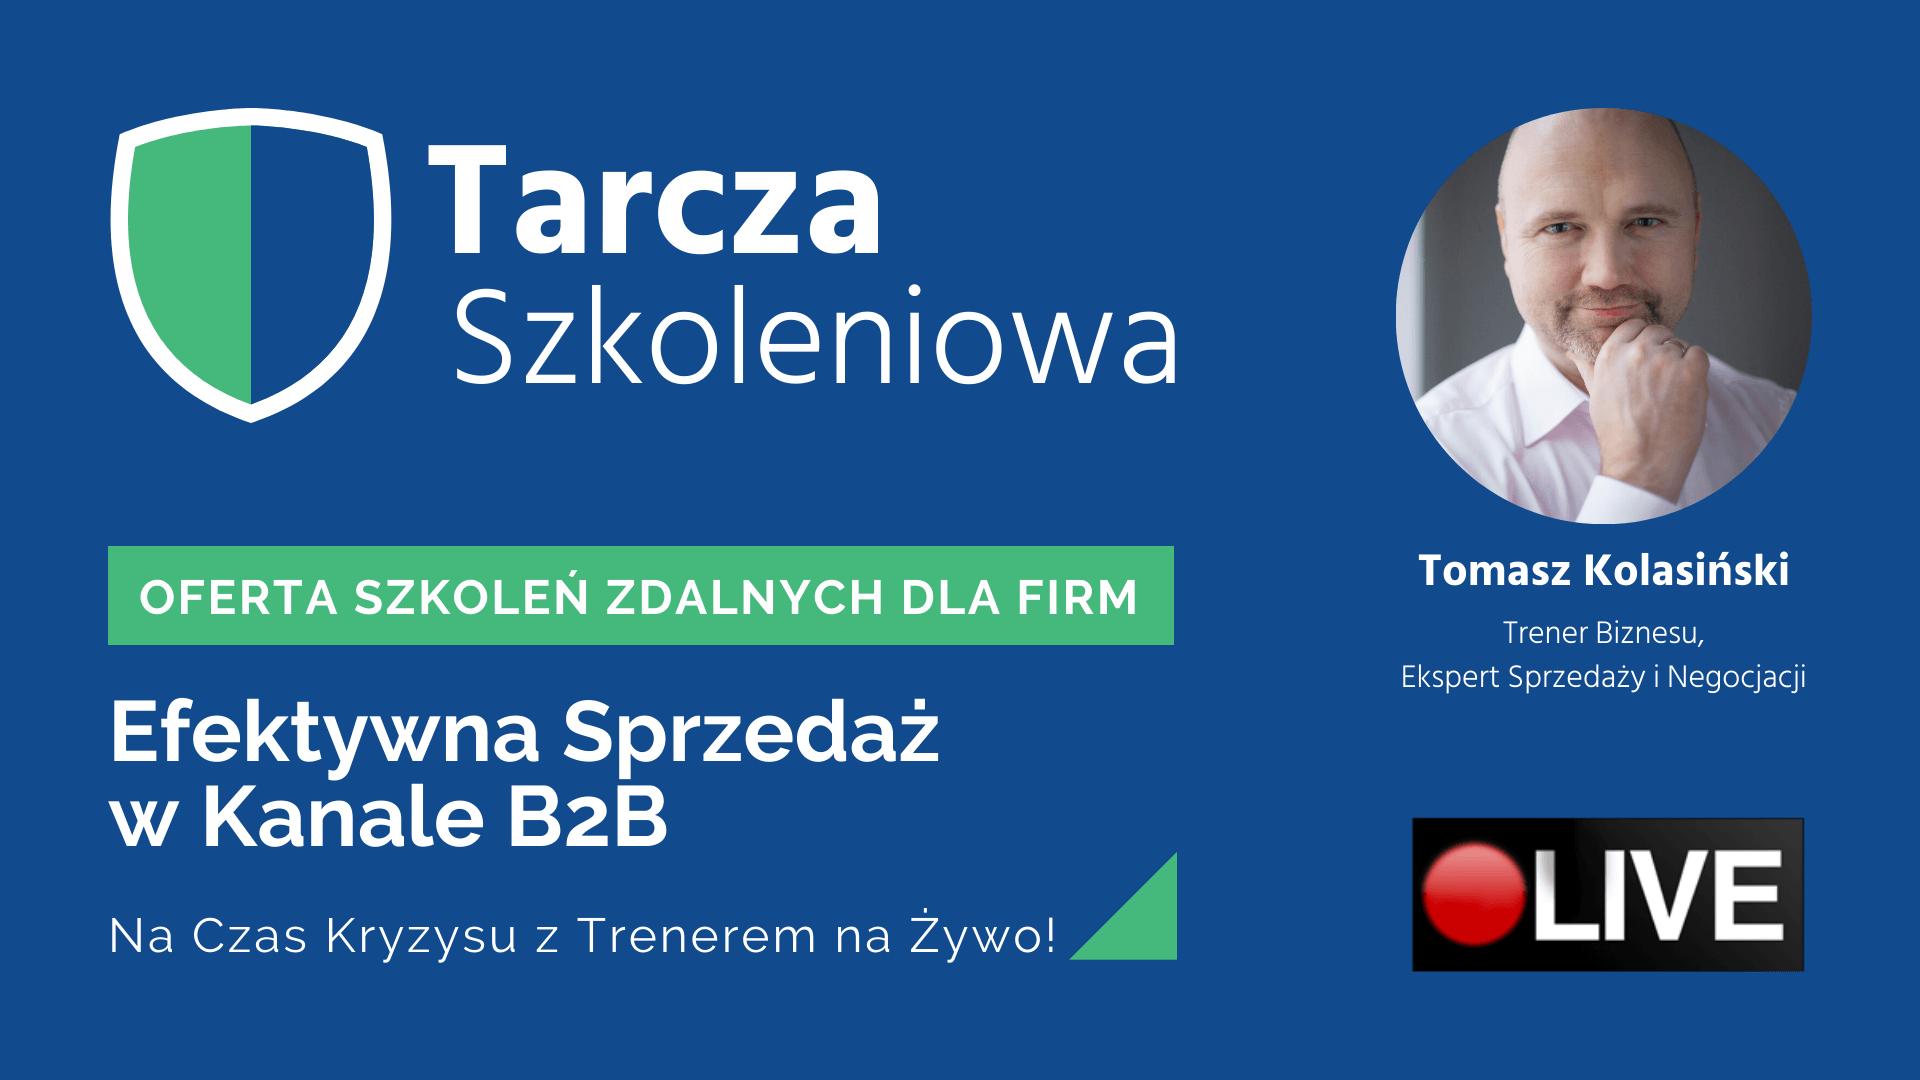 Tarcza szkoleniowa - Tomasz Kolasiński